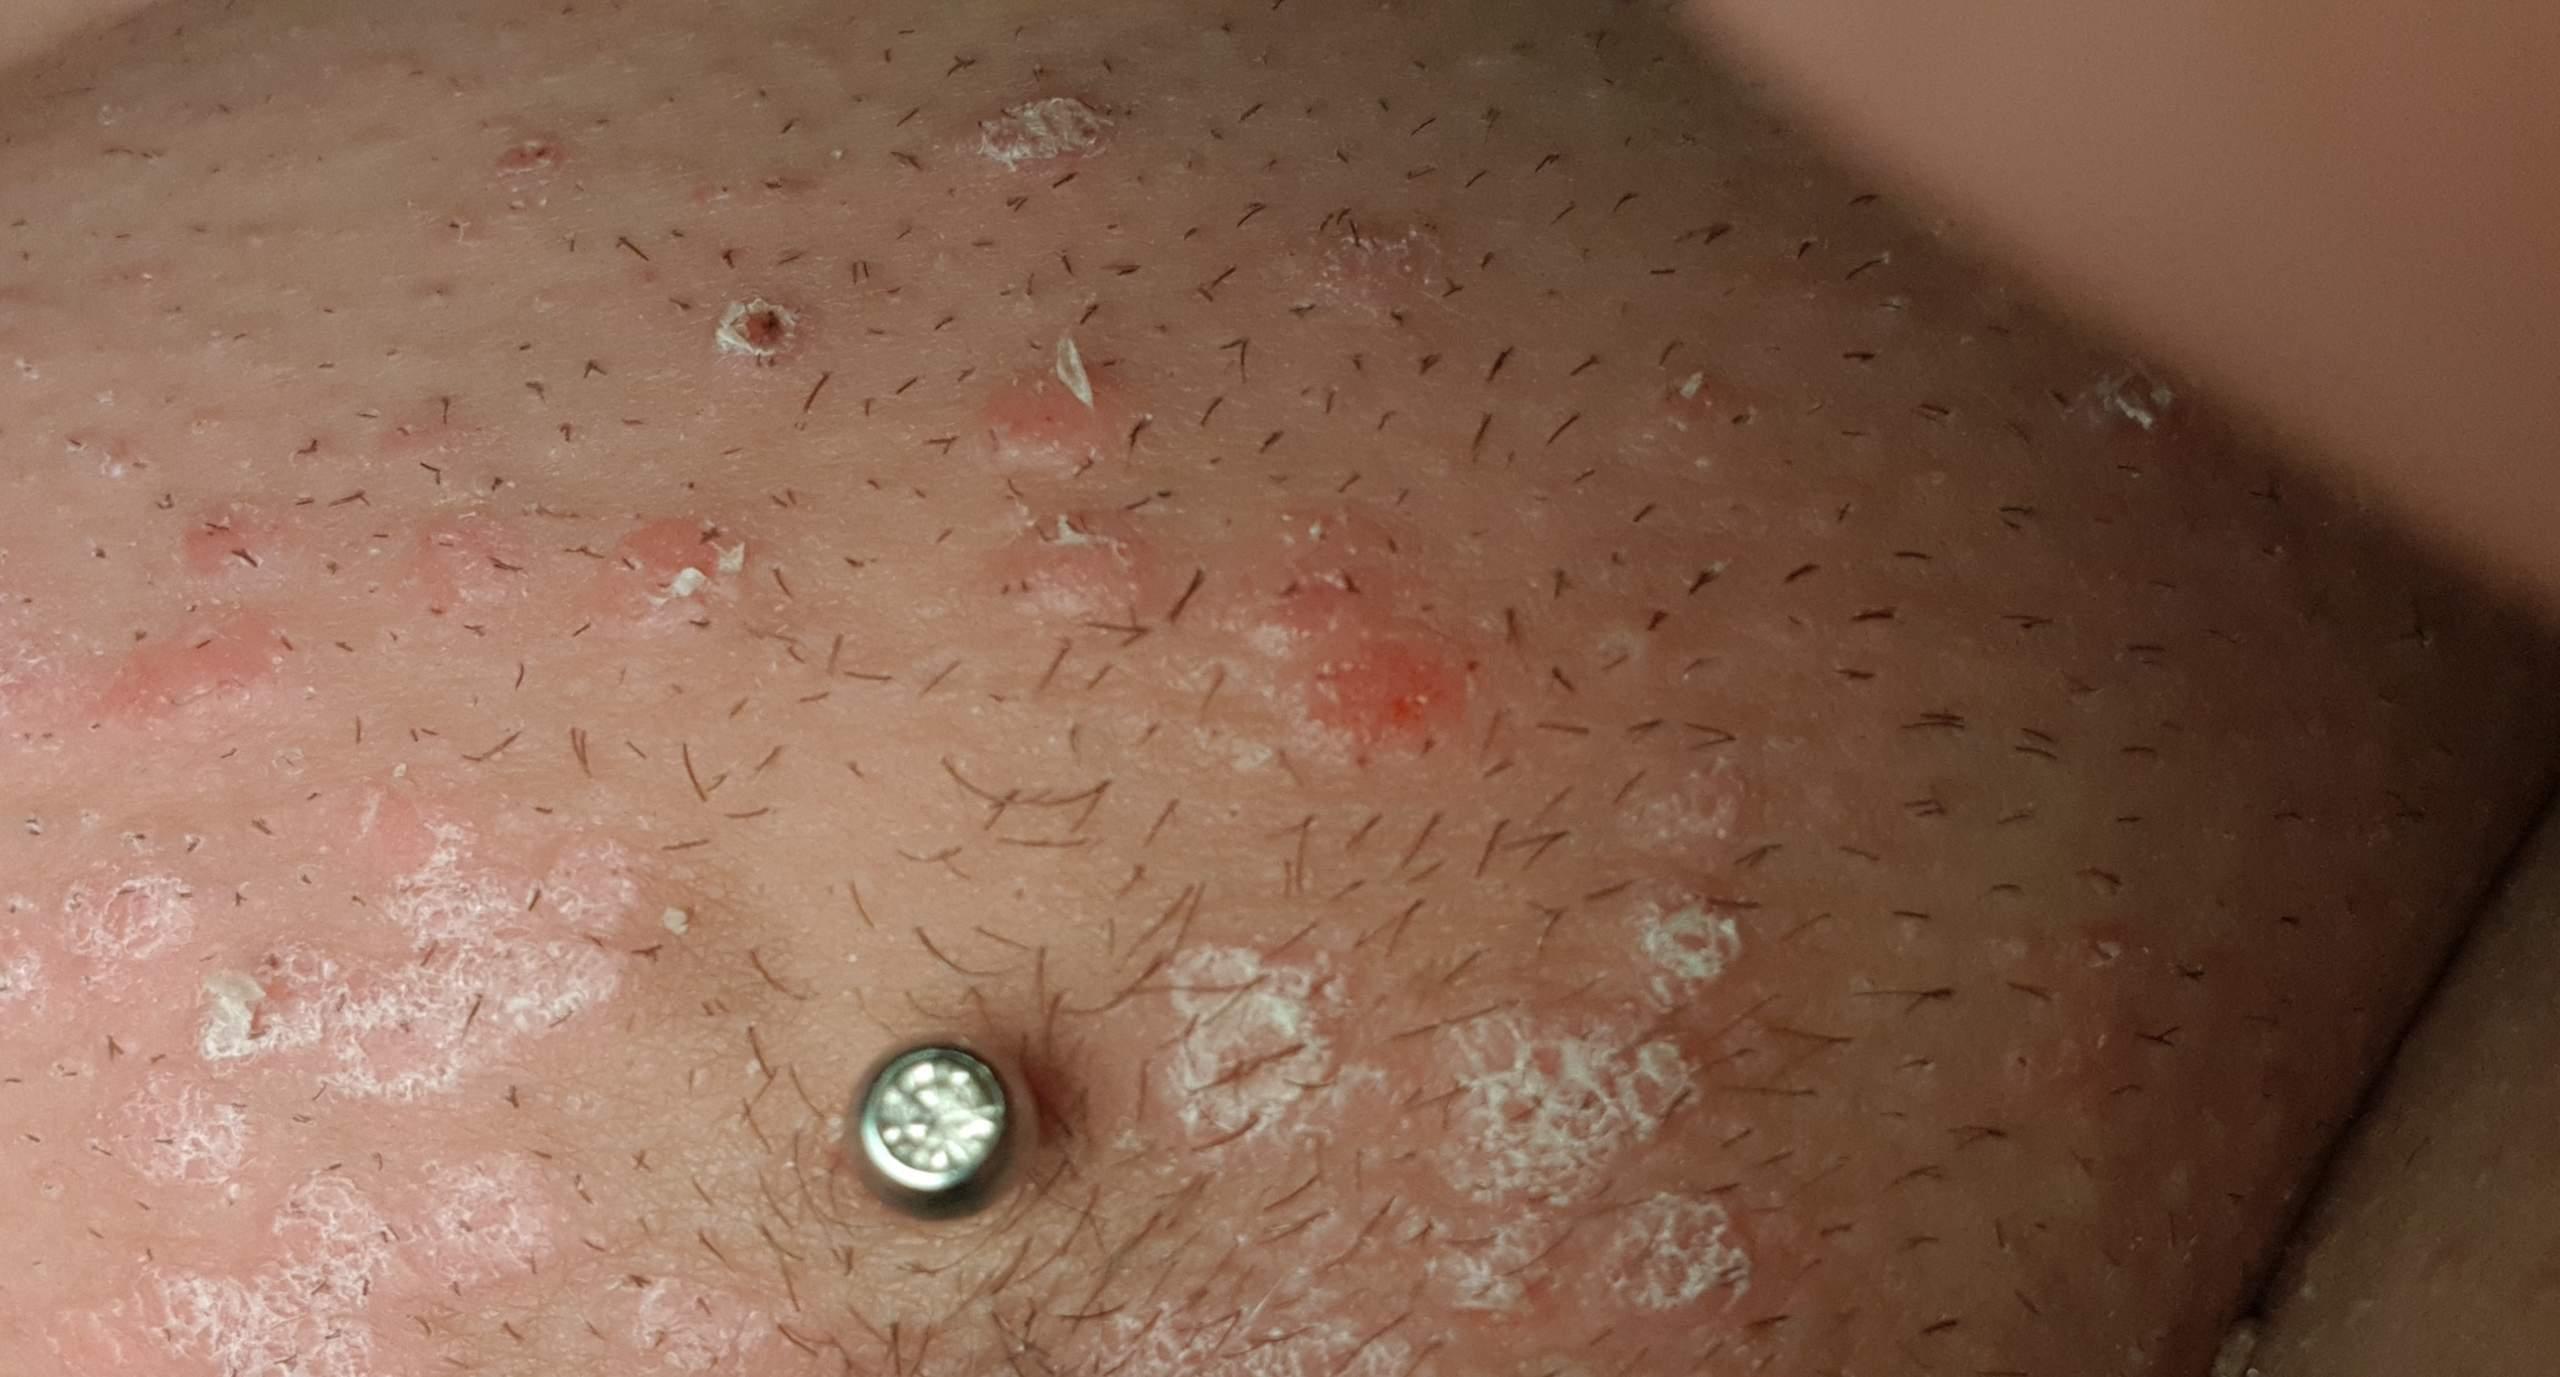 Intimbereich schuppenflechte Psoriasis inversa